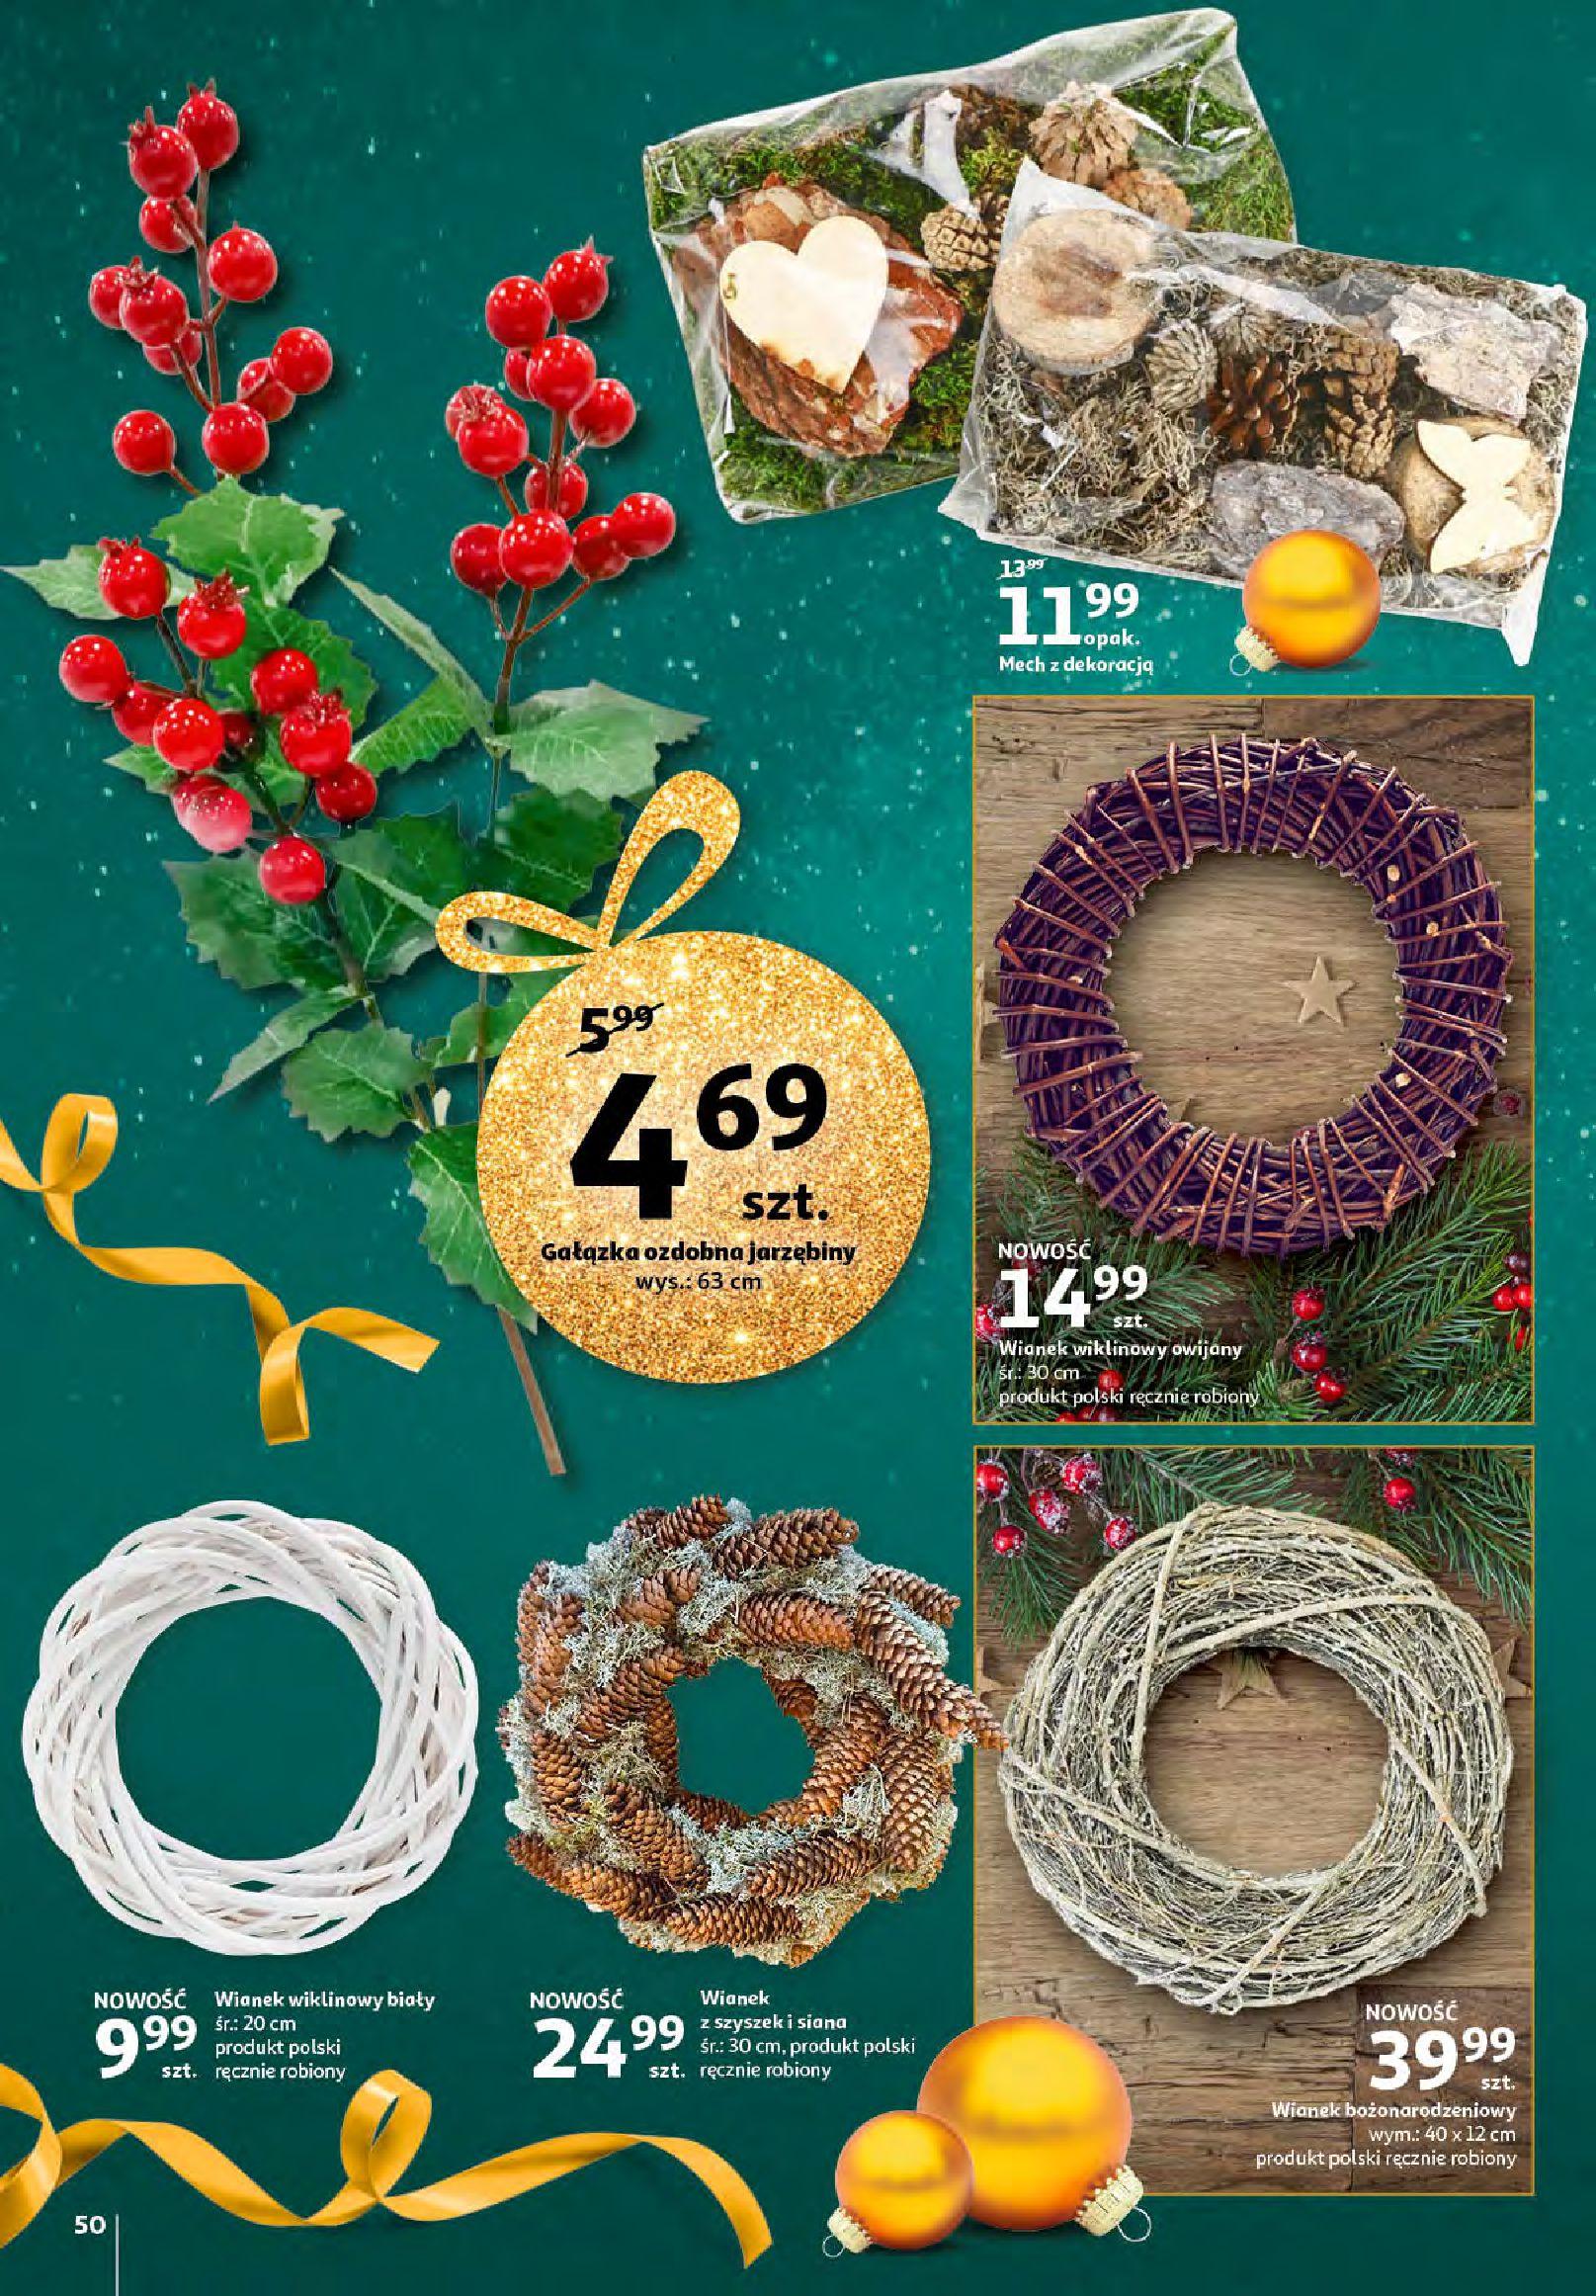 Gazetka Auchan - Magia zabawek i świątecznych ozdób-11.11.2020-25.11.2020-page-50